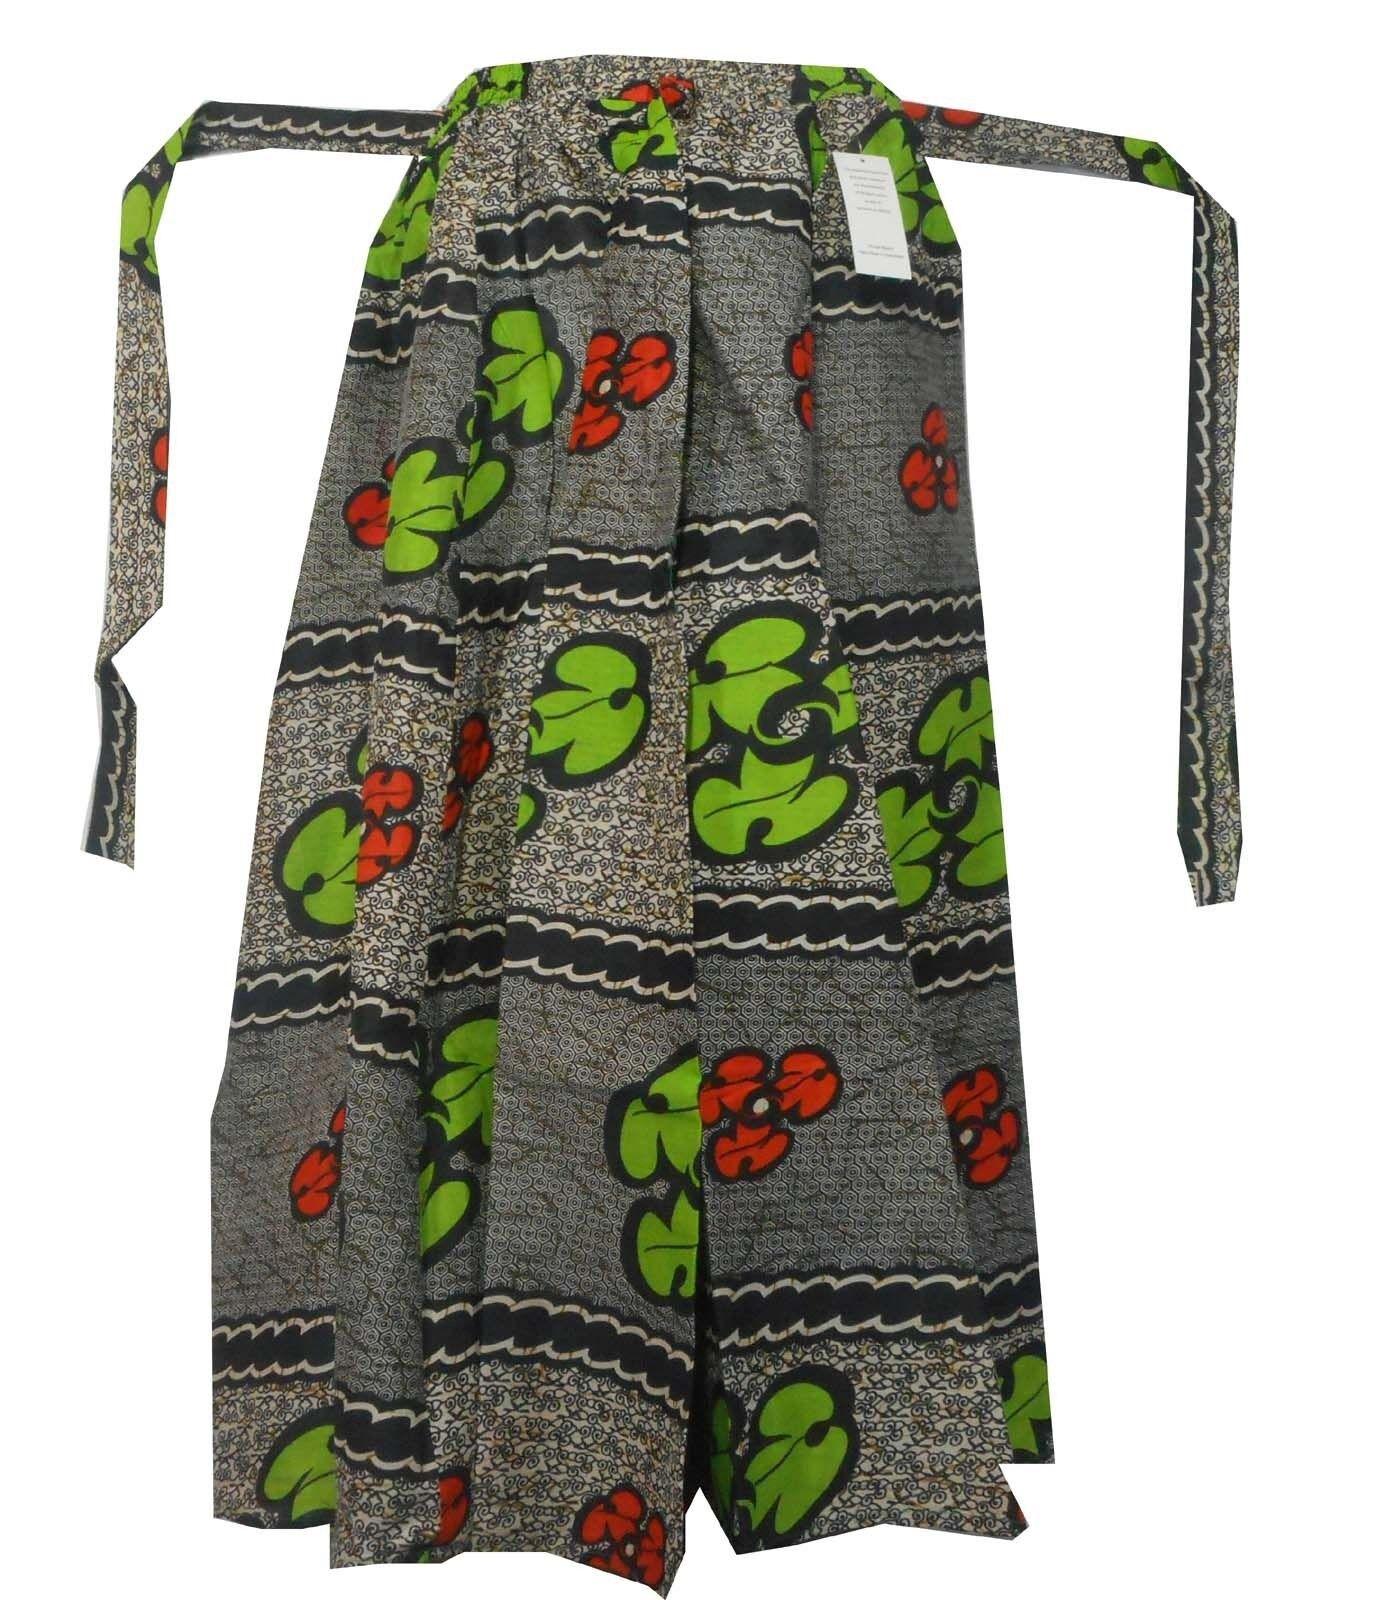 Dashiki Maxi Skirts High Waisted African Wax Ankara Print Midi Skirts One Size